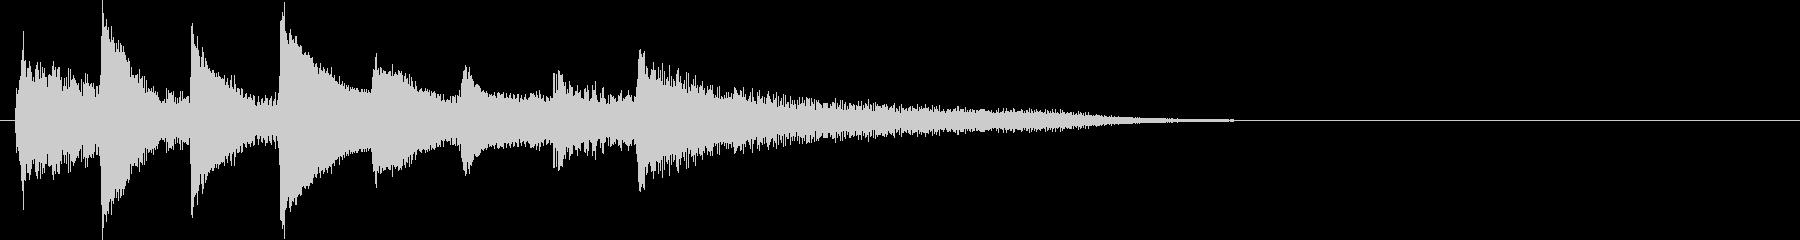 短いピアノ映像用ジングル8の未再生の波形